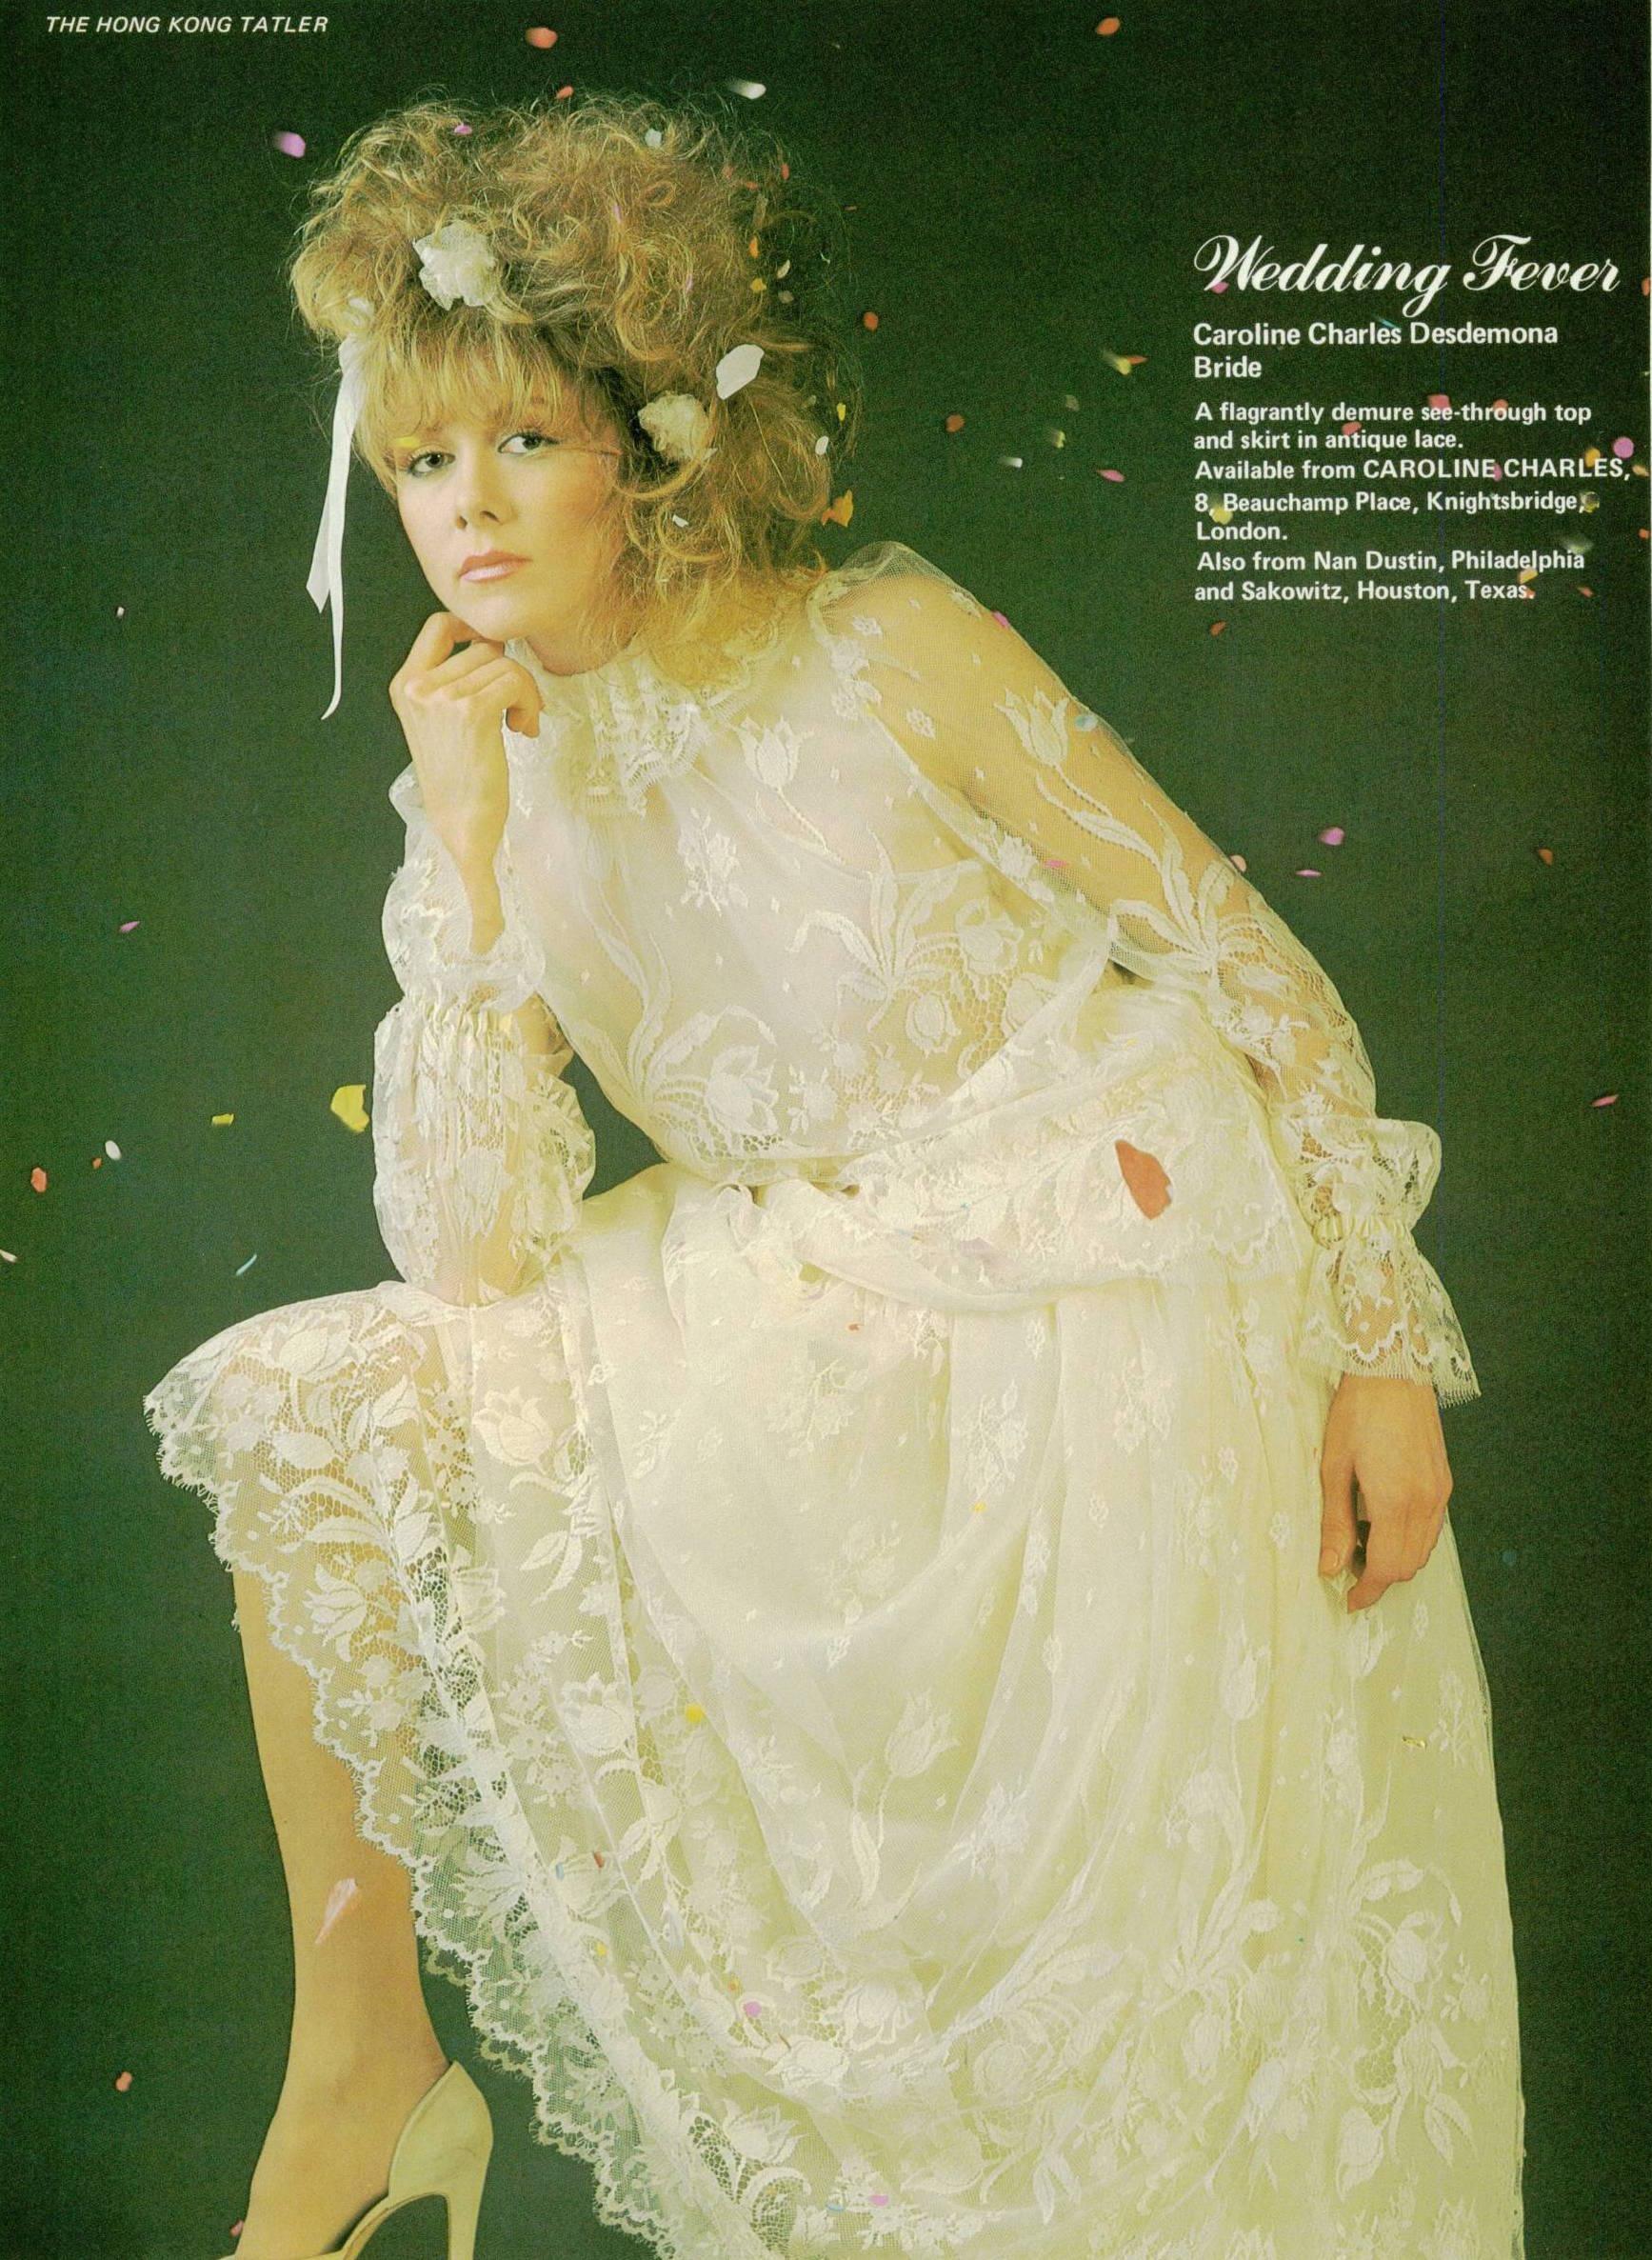 Desdemona bride